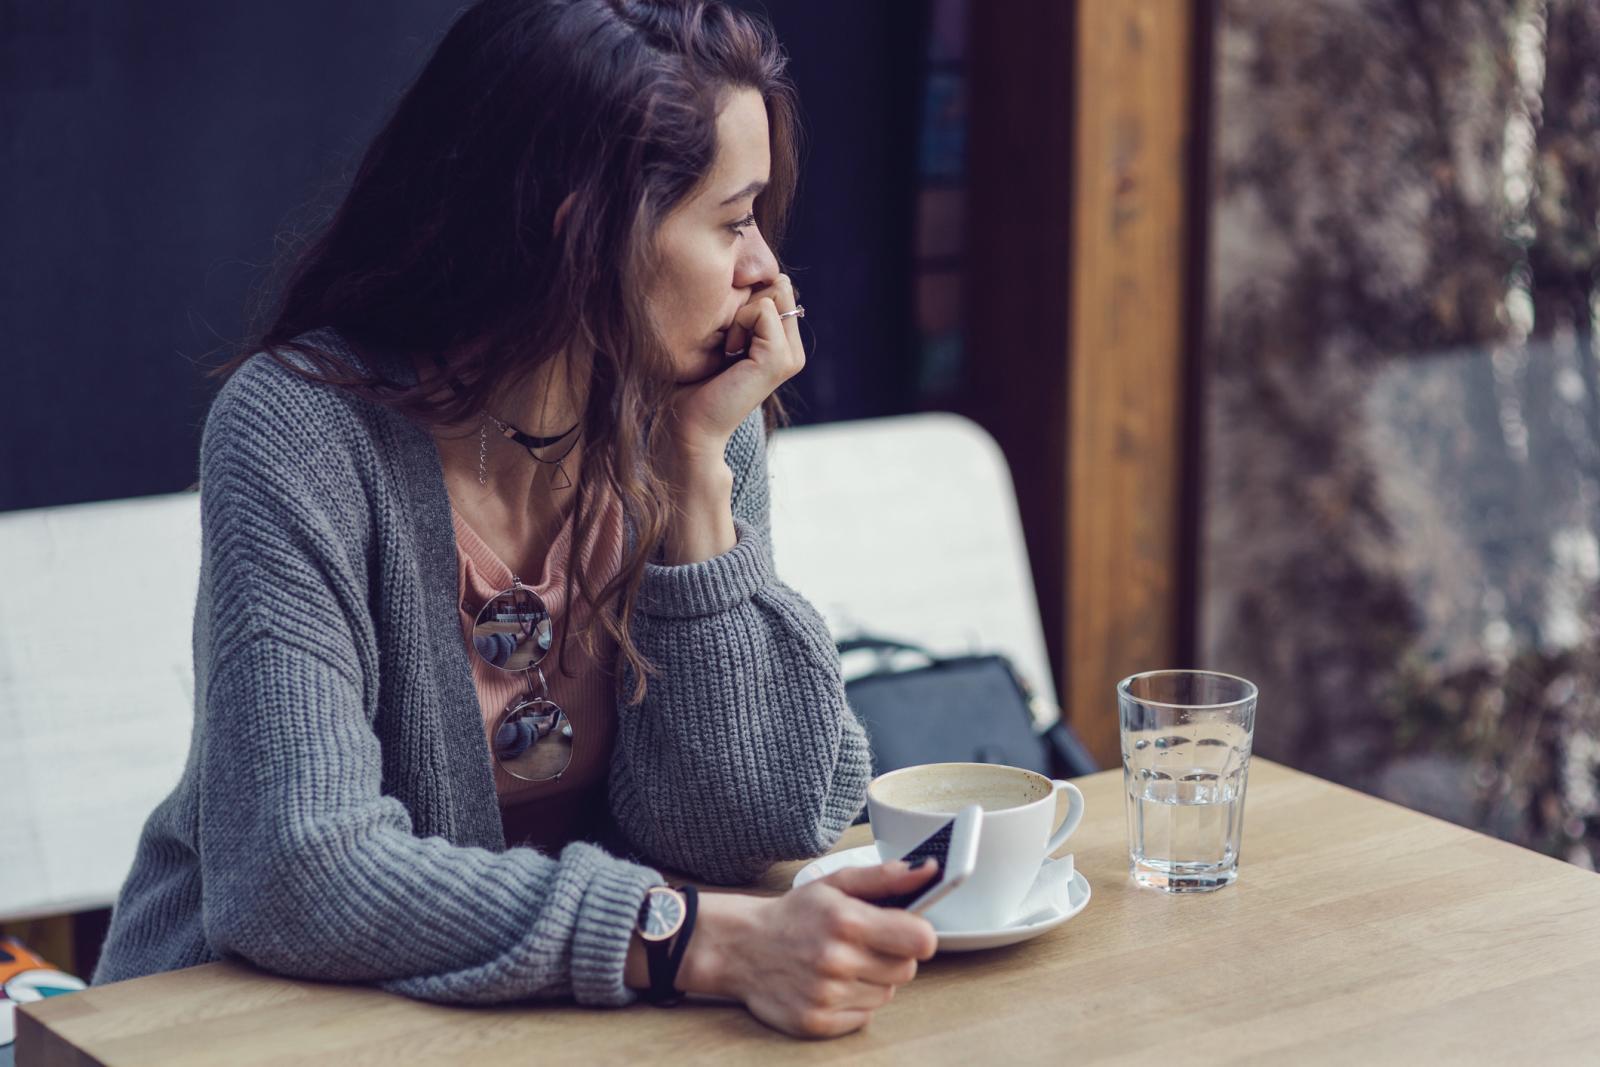 Istraživači su utvrdili da su ljudi koji žive samačkim životom imali 42 posto veću vjerojatnost da će razviti demenciju, a to se odnosi na oba spola.